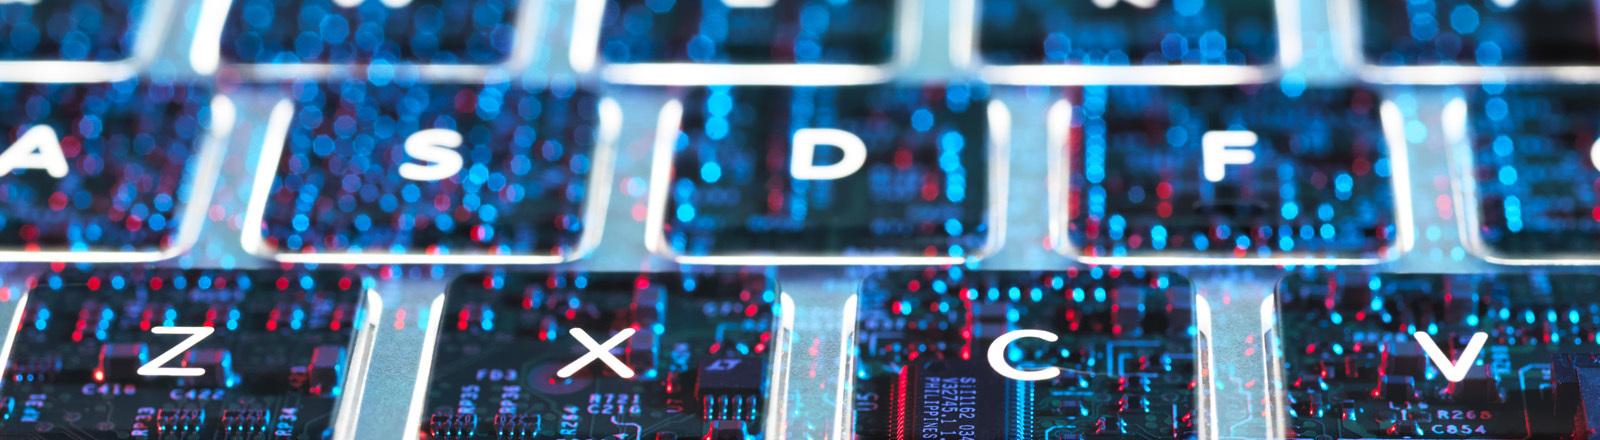 Computer-Tastatur mit Datenpunkten.